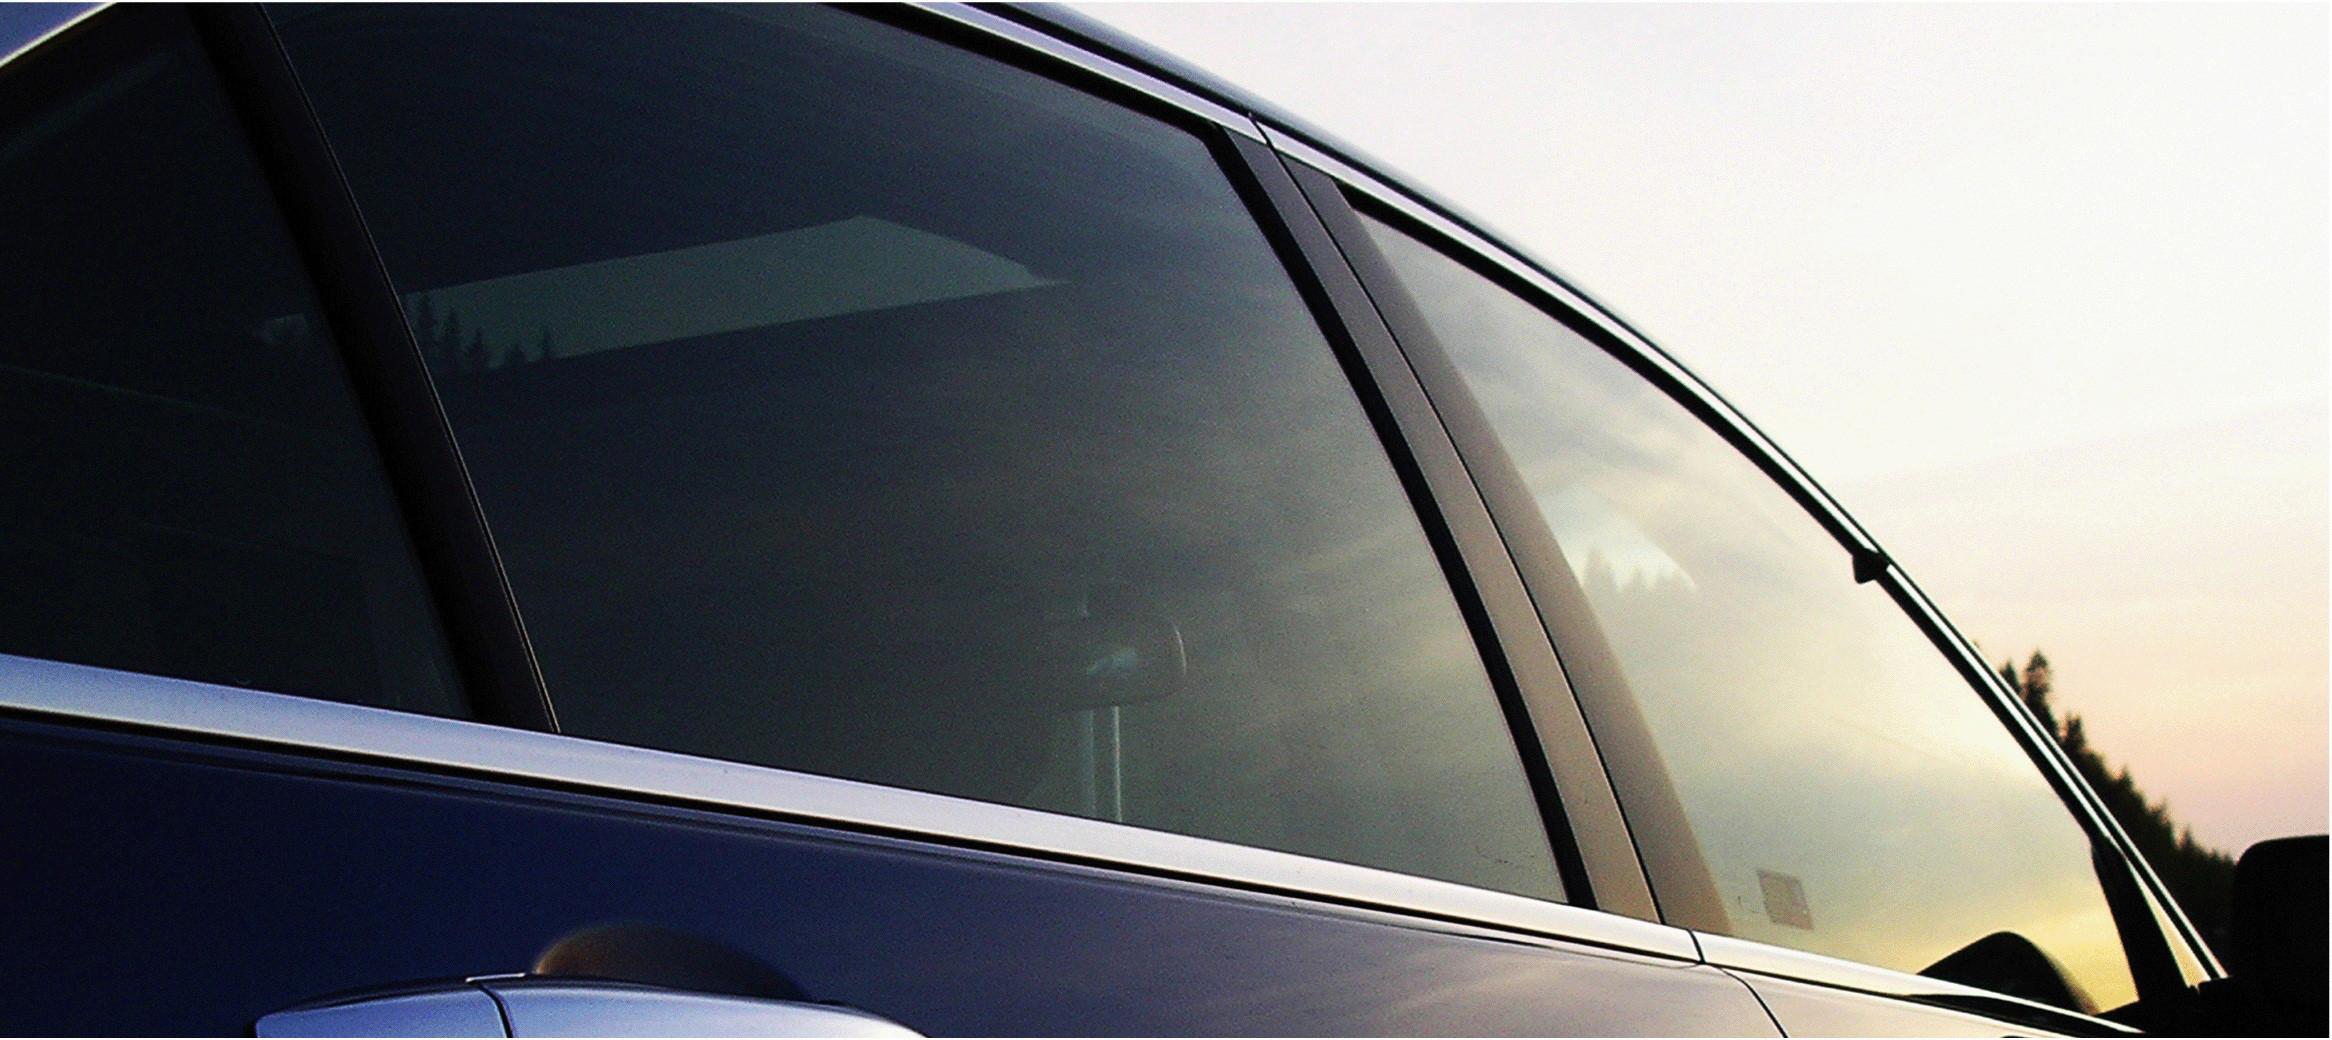 Phim cách nhiệt xe ô tô